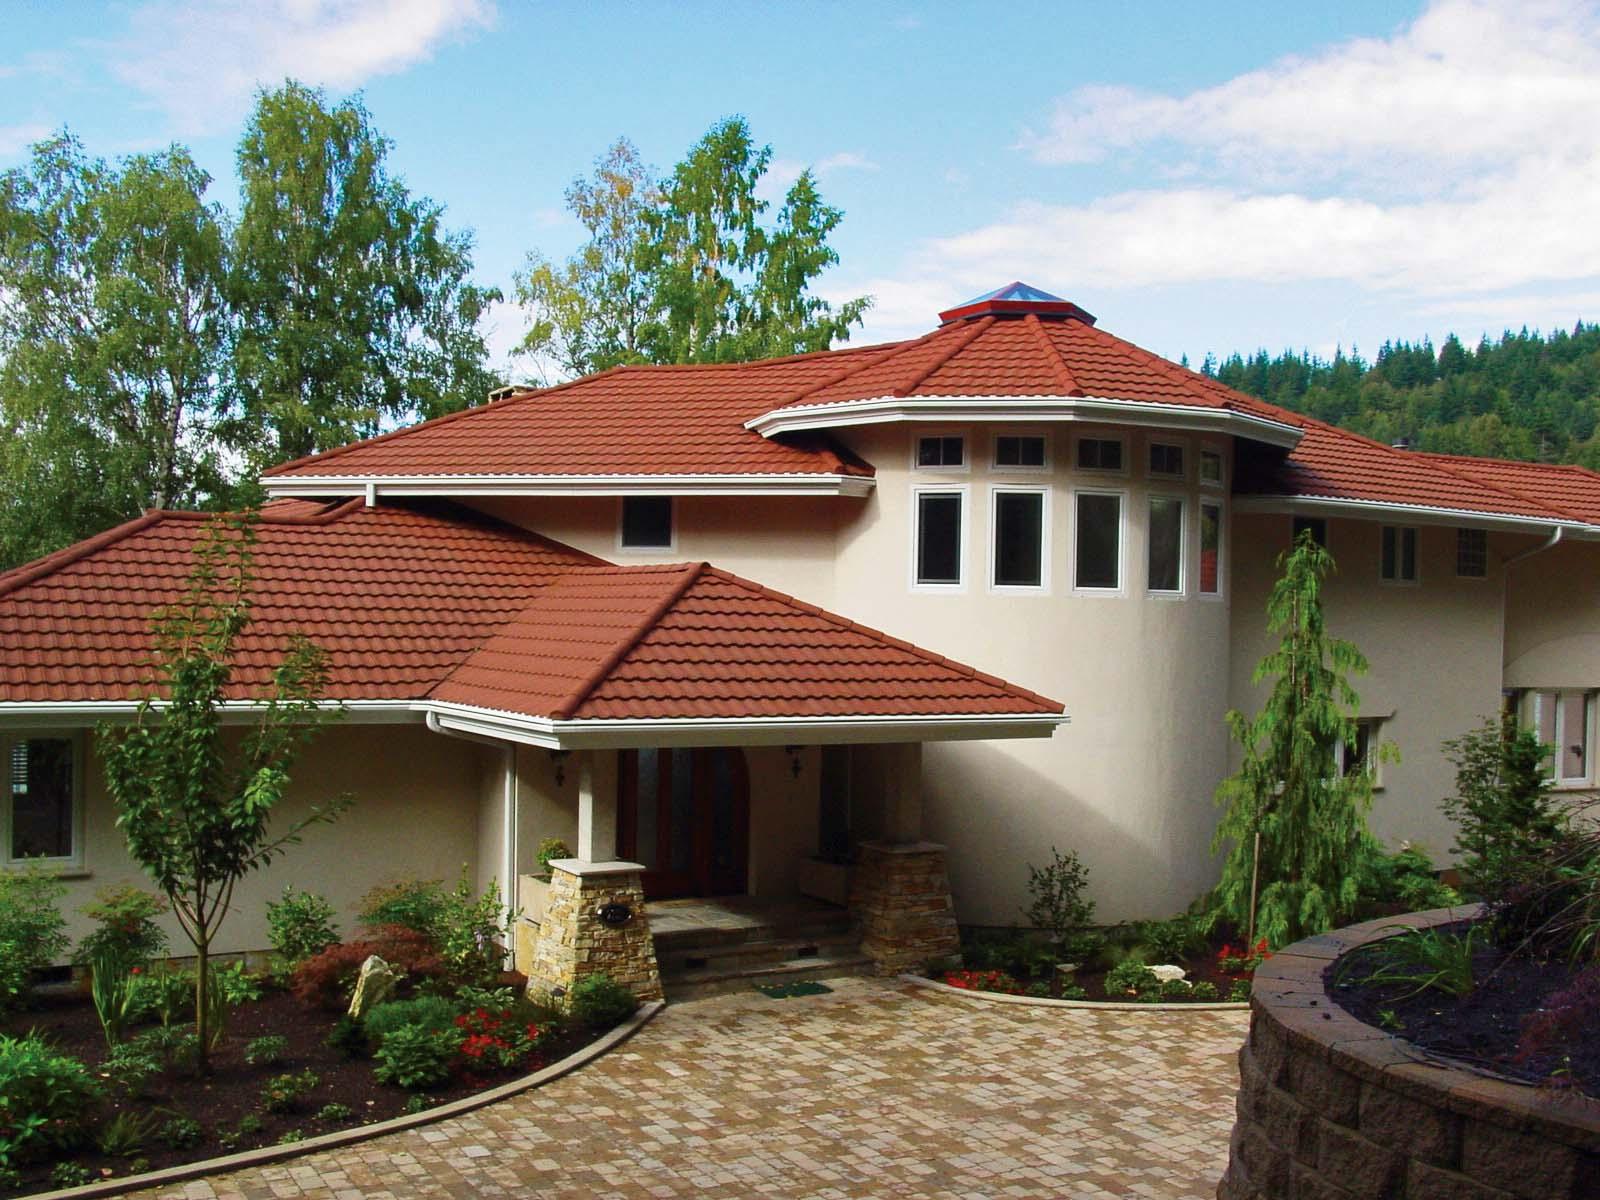 彩麟金属瓦高档屋面材料